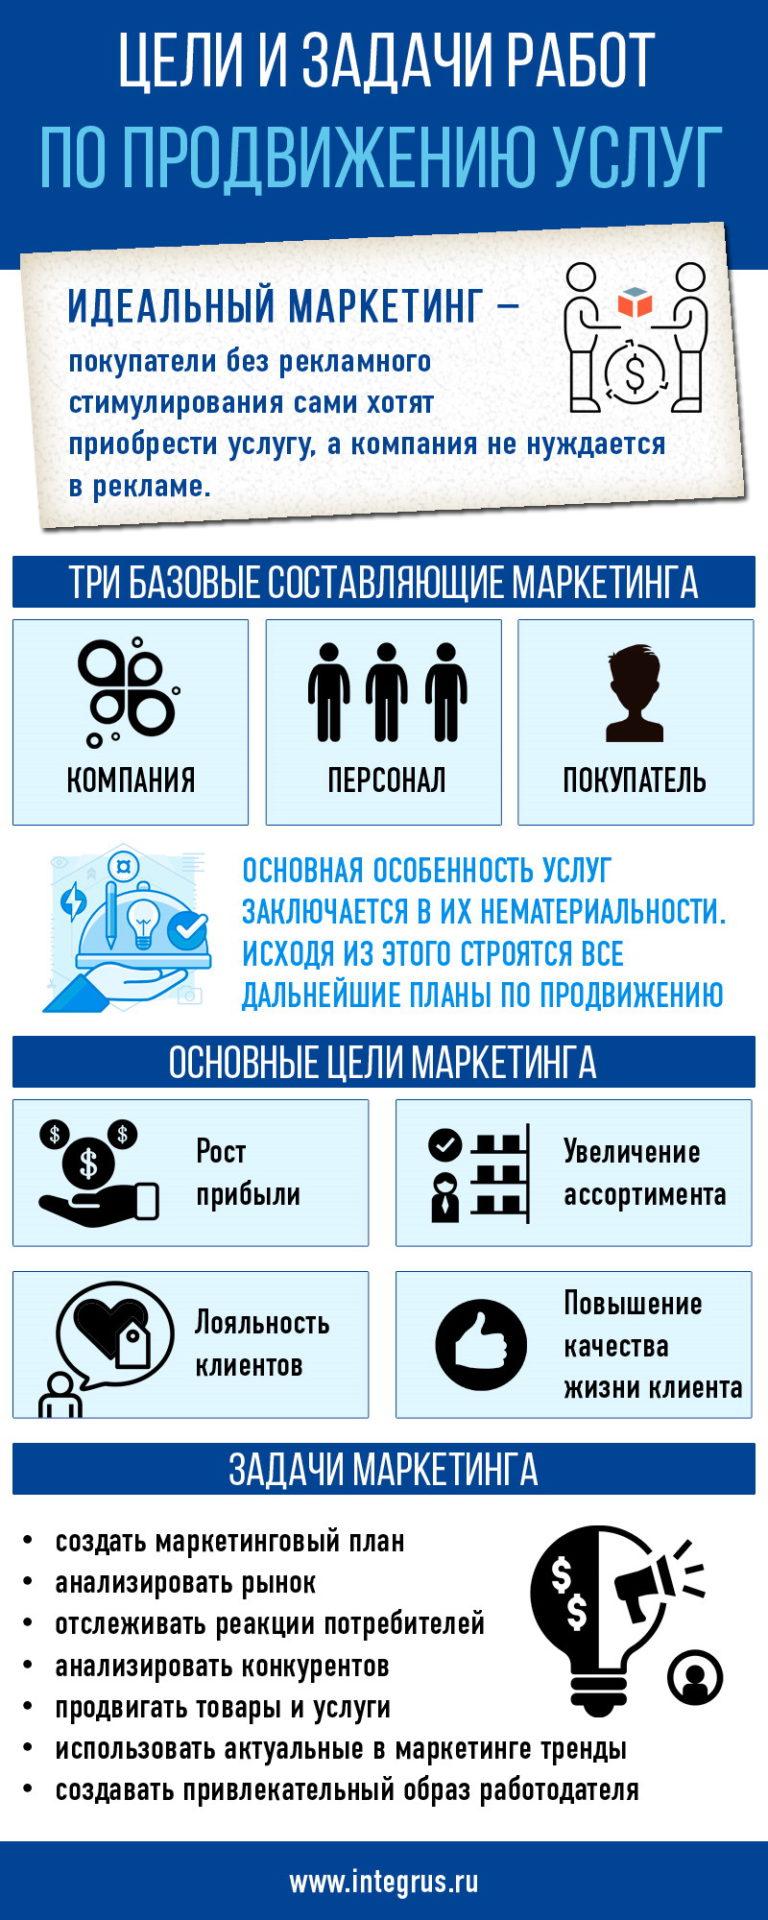 Цели и задачи маркетинга товаров и услуг в Интернете